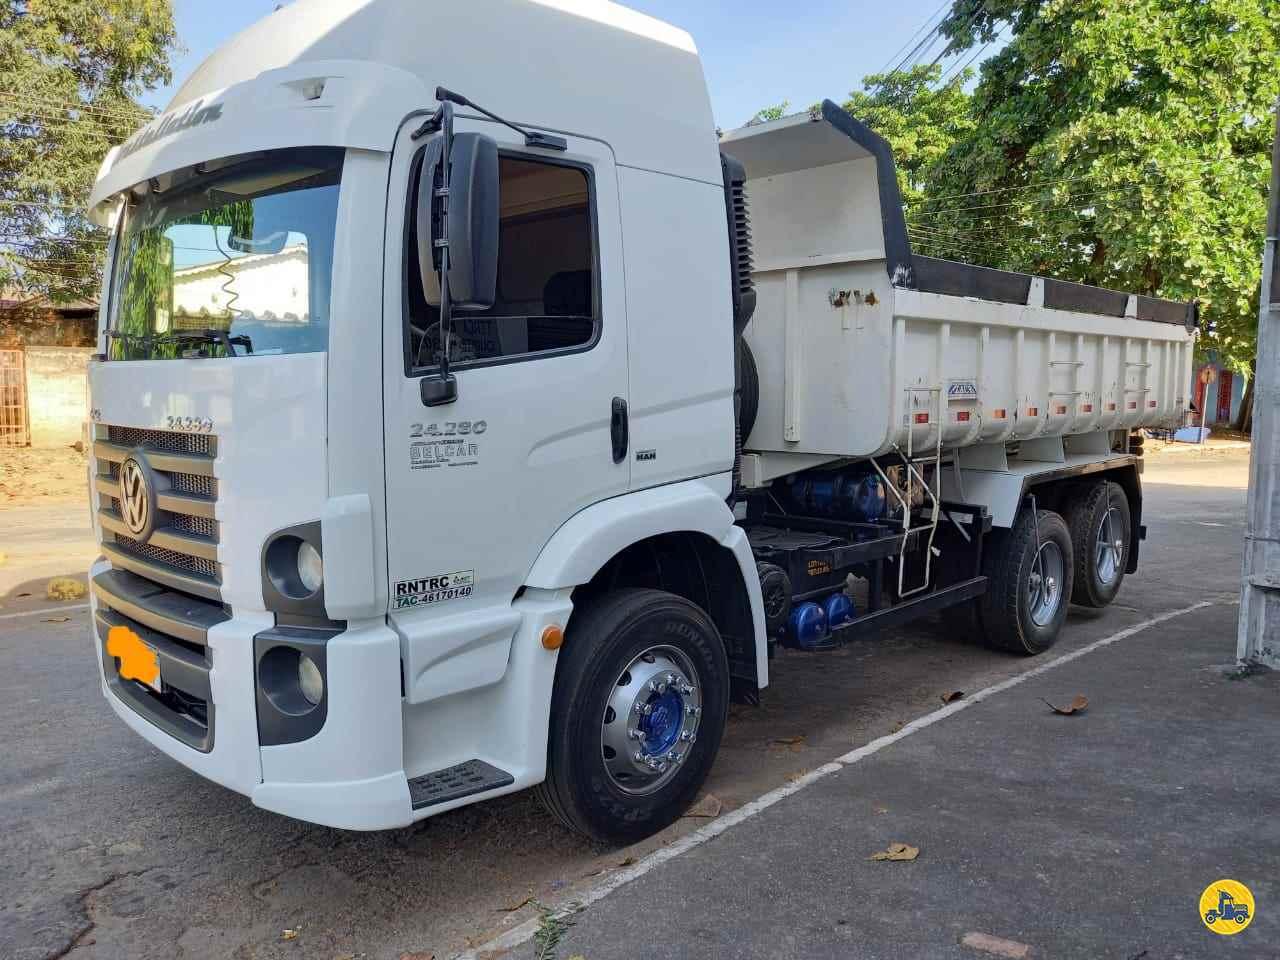 CAMINHAO VOLKSWAGEN VW 24280 Caçamba Basculante Truck 6x2 Usados Rio Verde Caminhões e Carretas RIO VERDE GOIAS GO